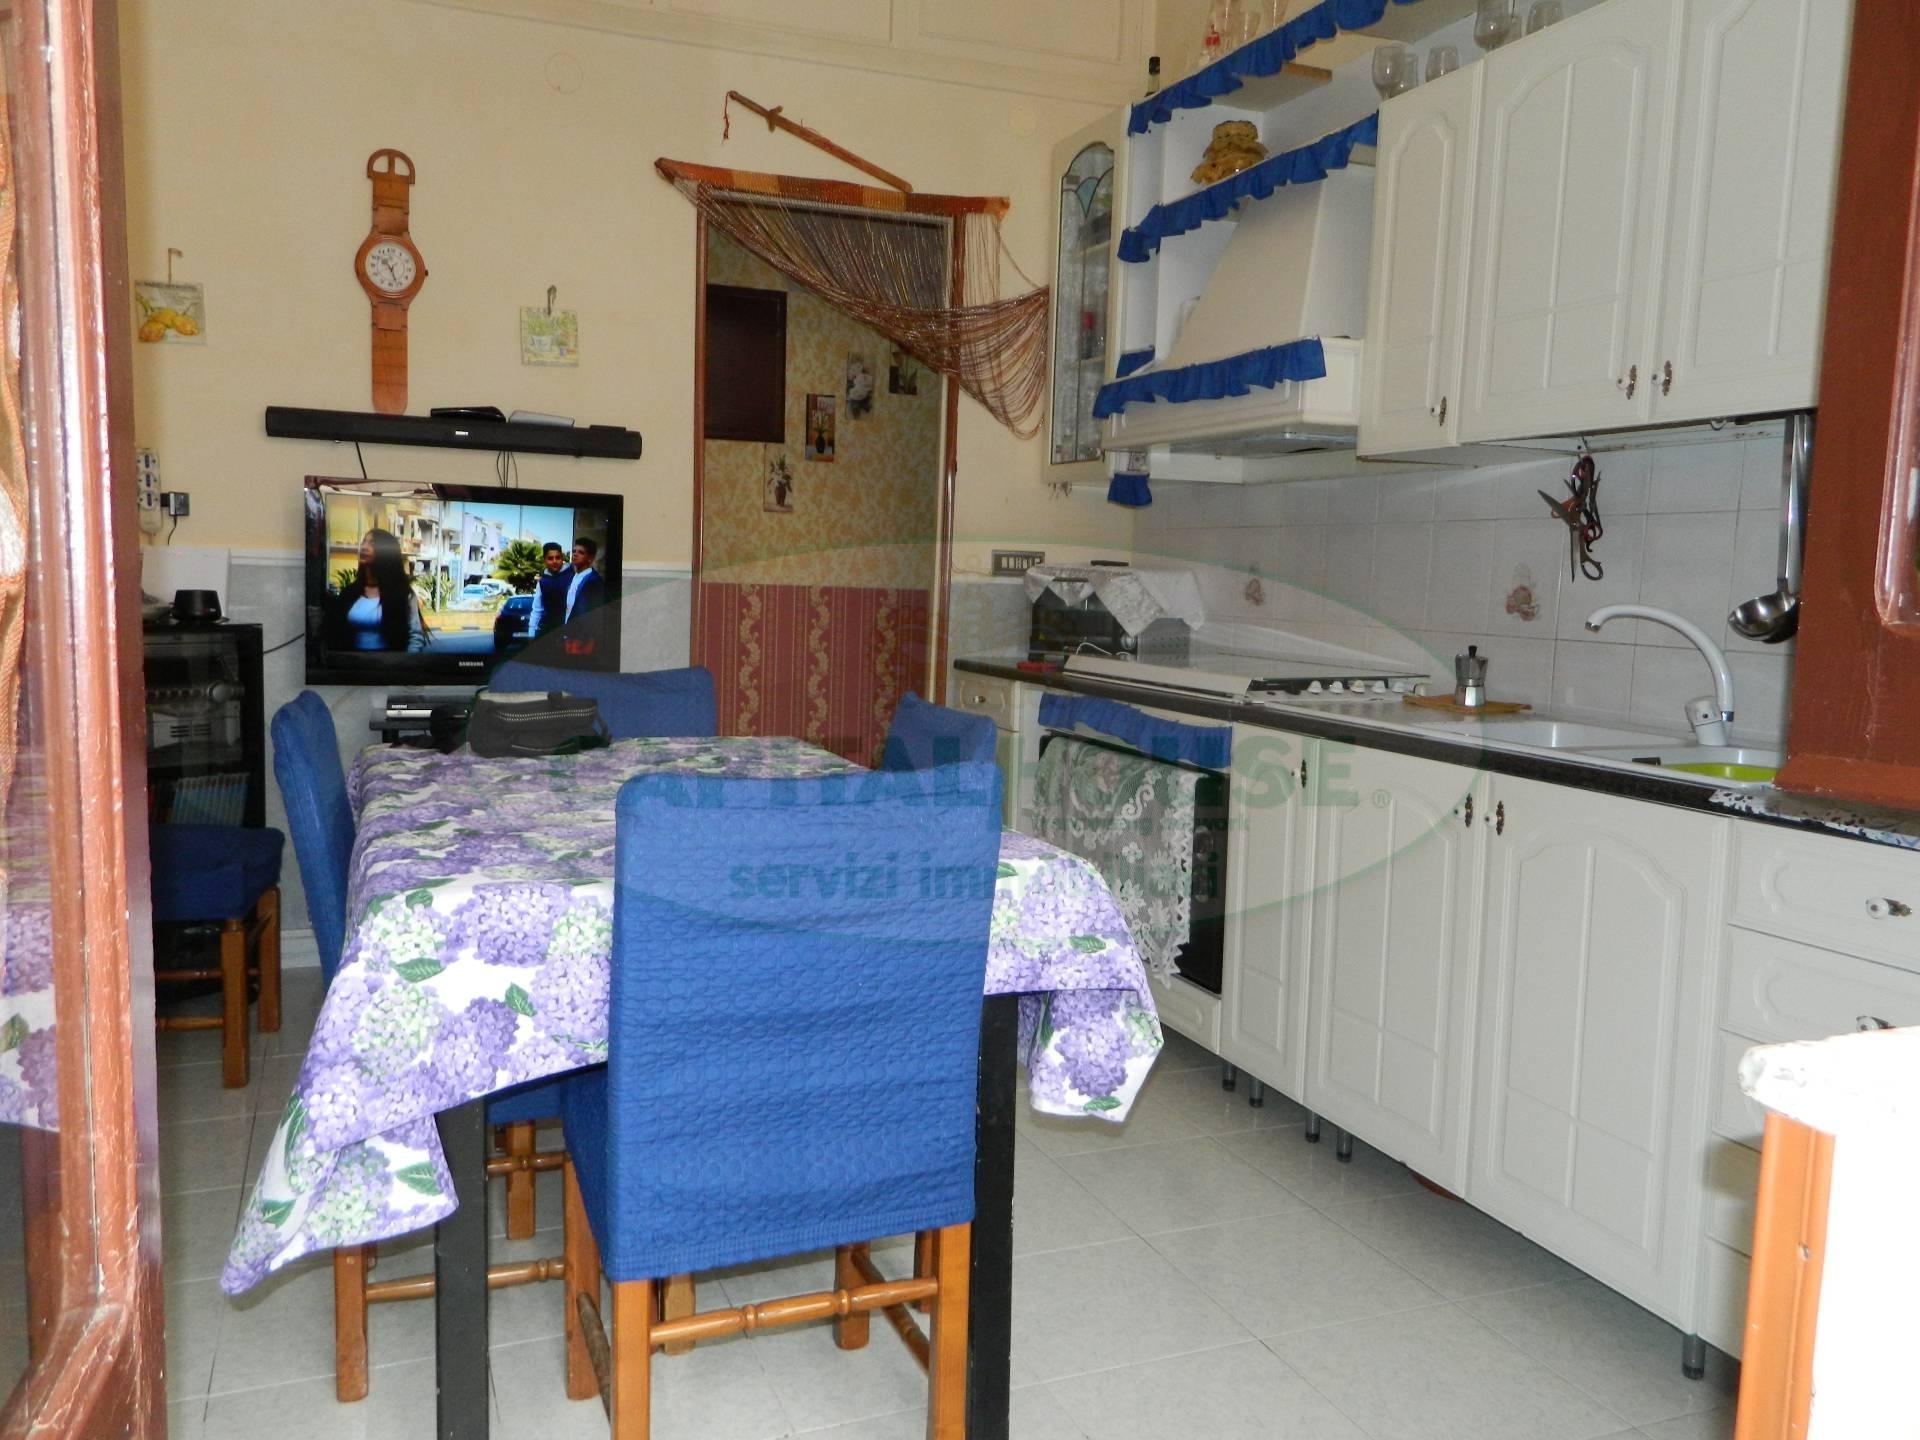 Appartamento in vendita a Afragola, 2 locali, zona Località: Centro, prezzo € 53.000 | CambioCasa.it